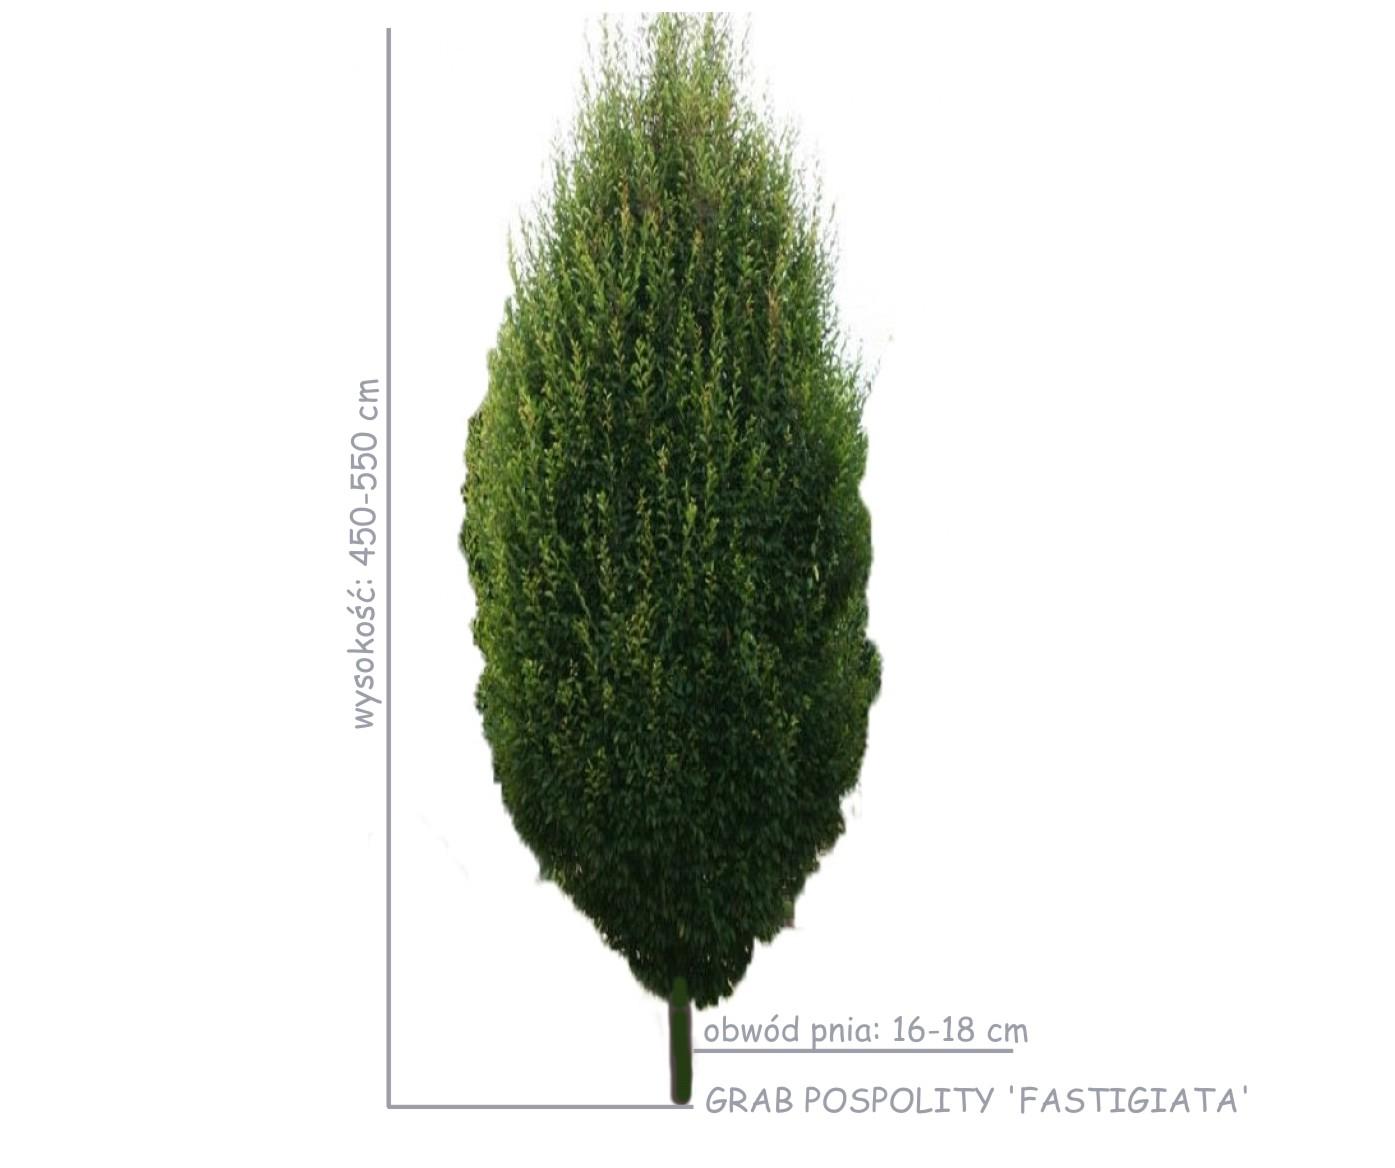 Grab pospolity 'Fastigiata' - sadzonka o obwodzie 16-18 cm